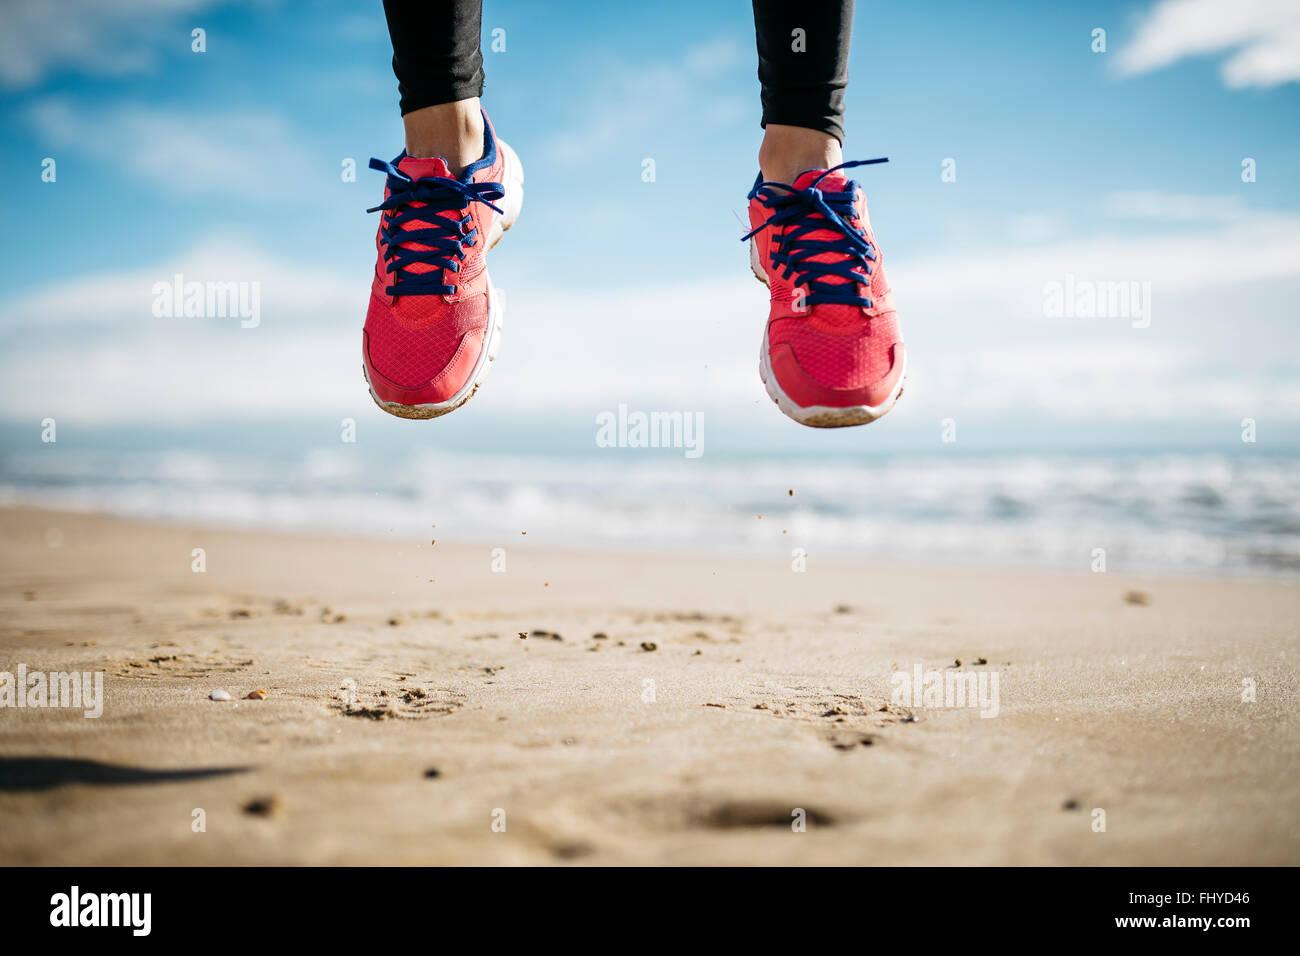 Saltar unos pies herrados en zapatillas, en la playa Imagen De Stock